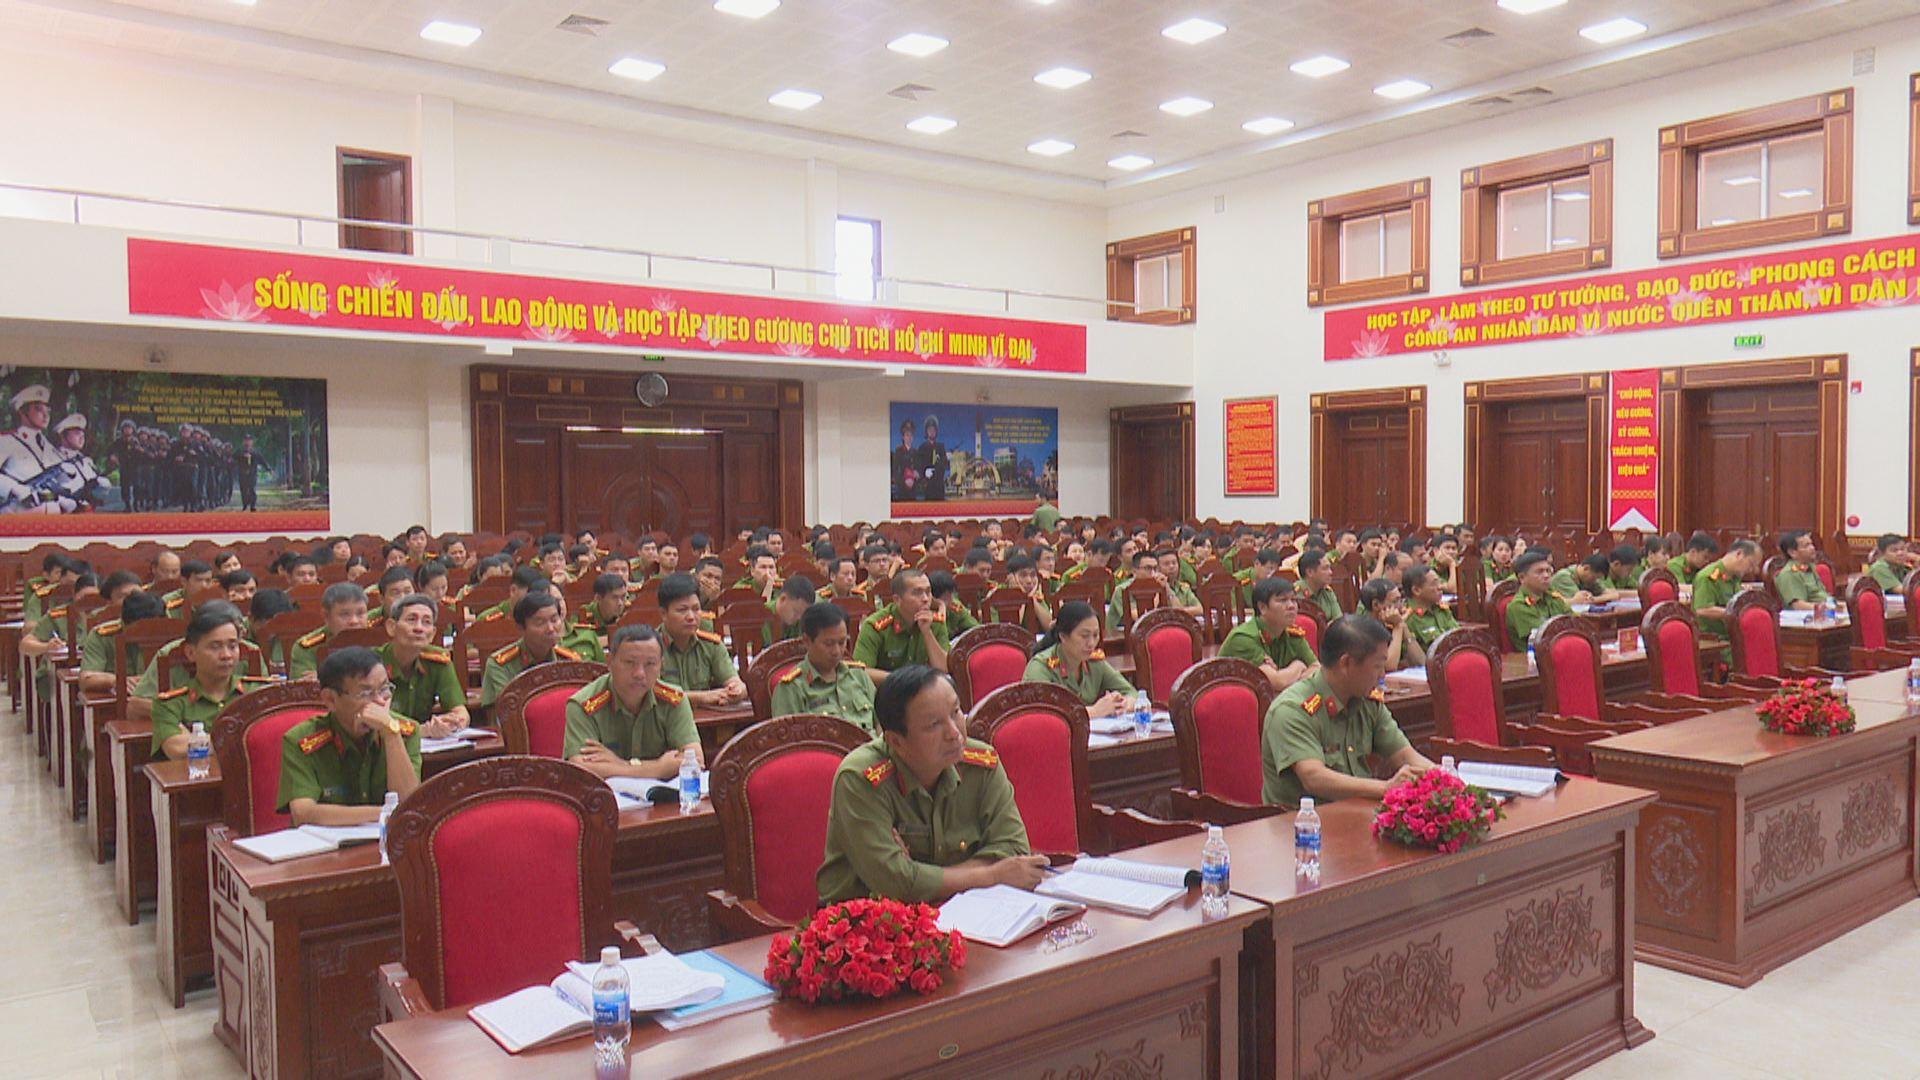 Khai mạc lớp bồi dưỡng nghiệp vụ công tác kiểm tra, giám sát và thi hành kỷ luật của Đảng năm 2019